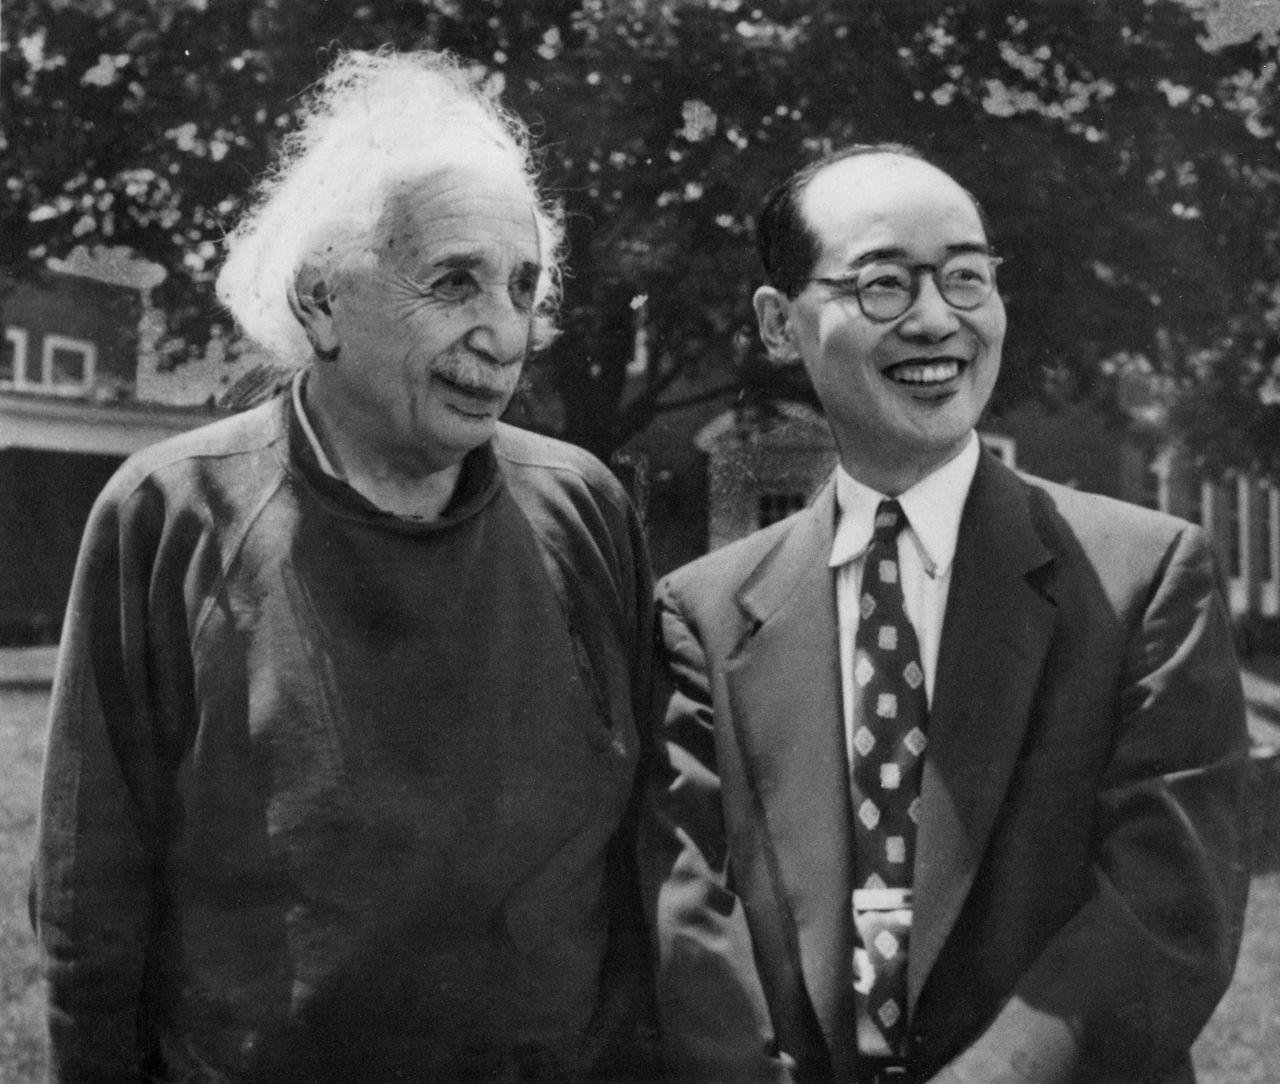 Юкава (справа) и Альберт Эйнштейн в Институте передовых исследований (Принстон, штат Нью-Джерси), июнь 1953 г. (© газета «Майнити Симбун», Aflo)